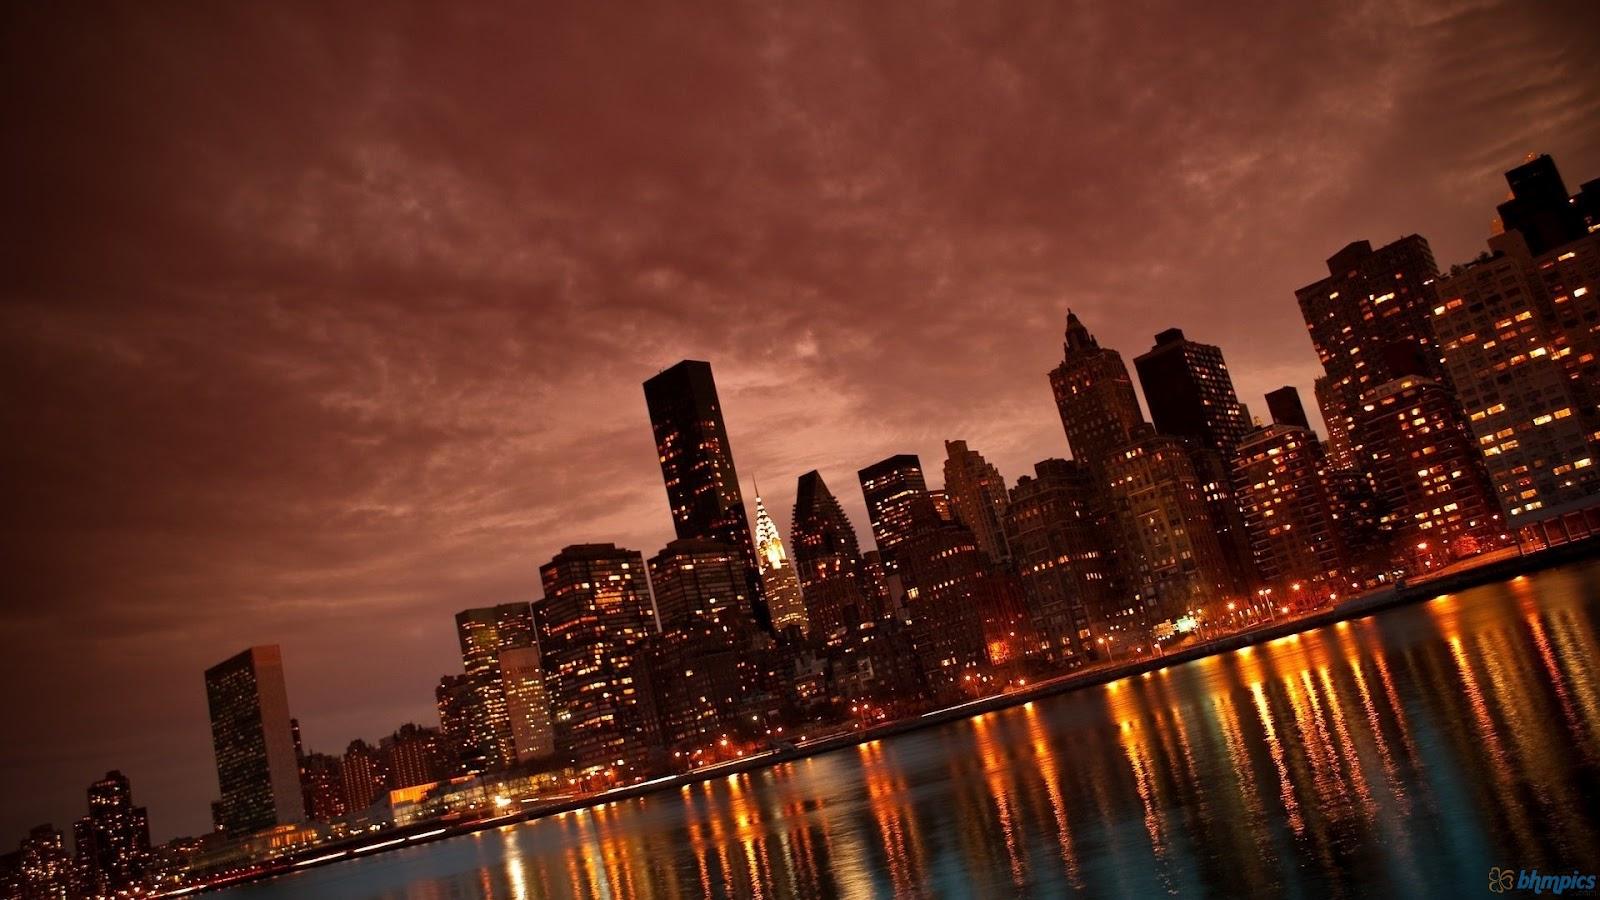 http://3.bp.blogspot.com/-ec8iVSywvEQ/UG_BjUmdoGI/AAAAAAAAFYE/Ar-ekFIhMqQ/s1600/new_york_manhattan-1920x1080.jpg